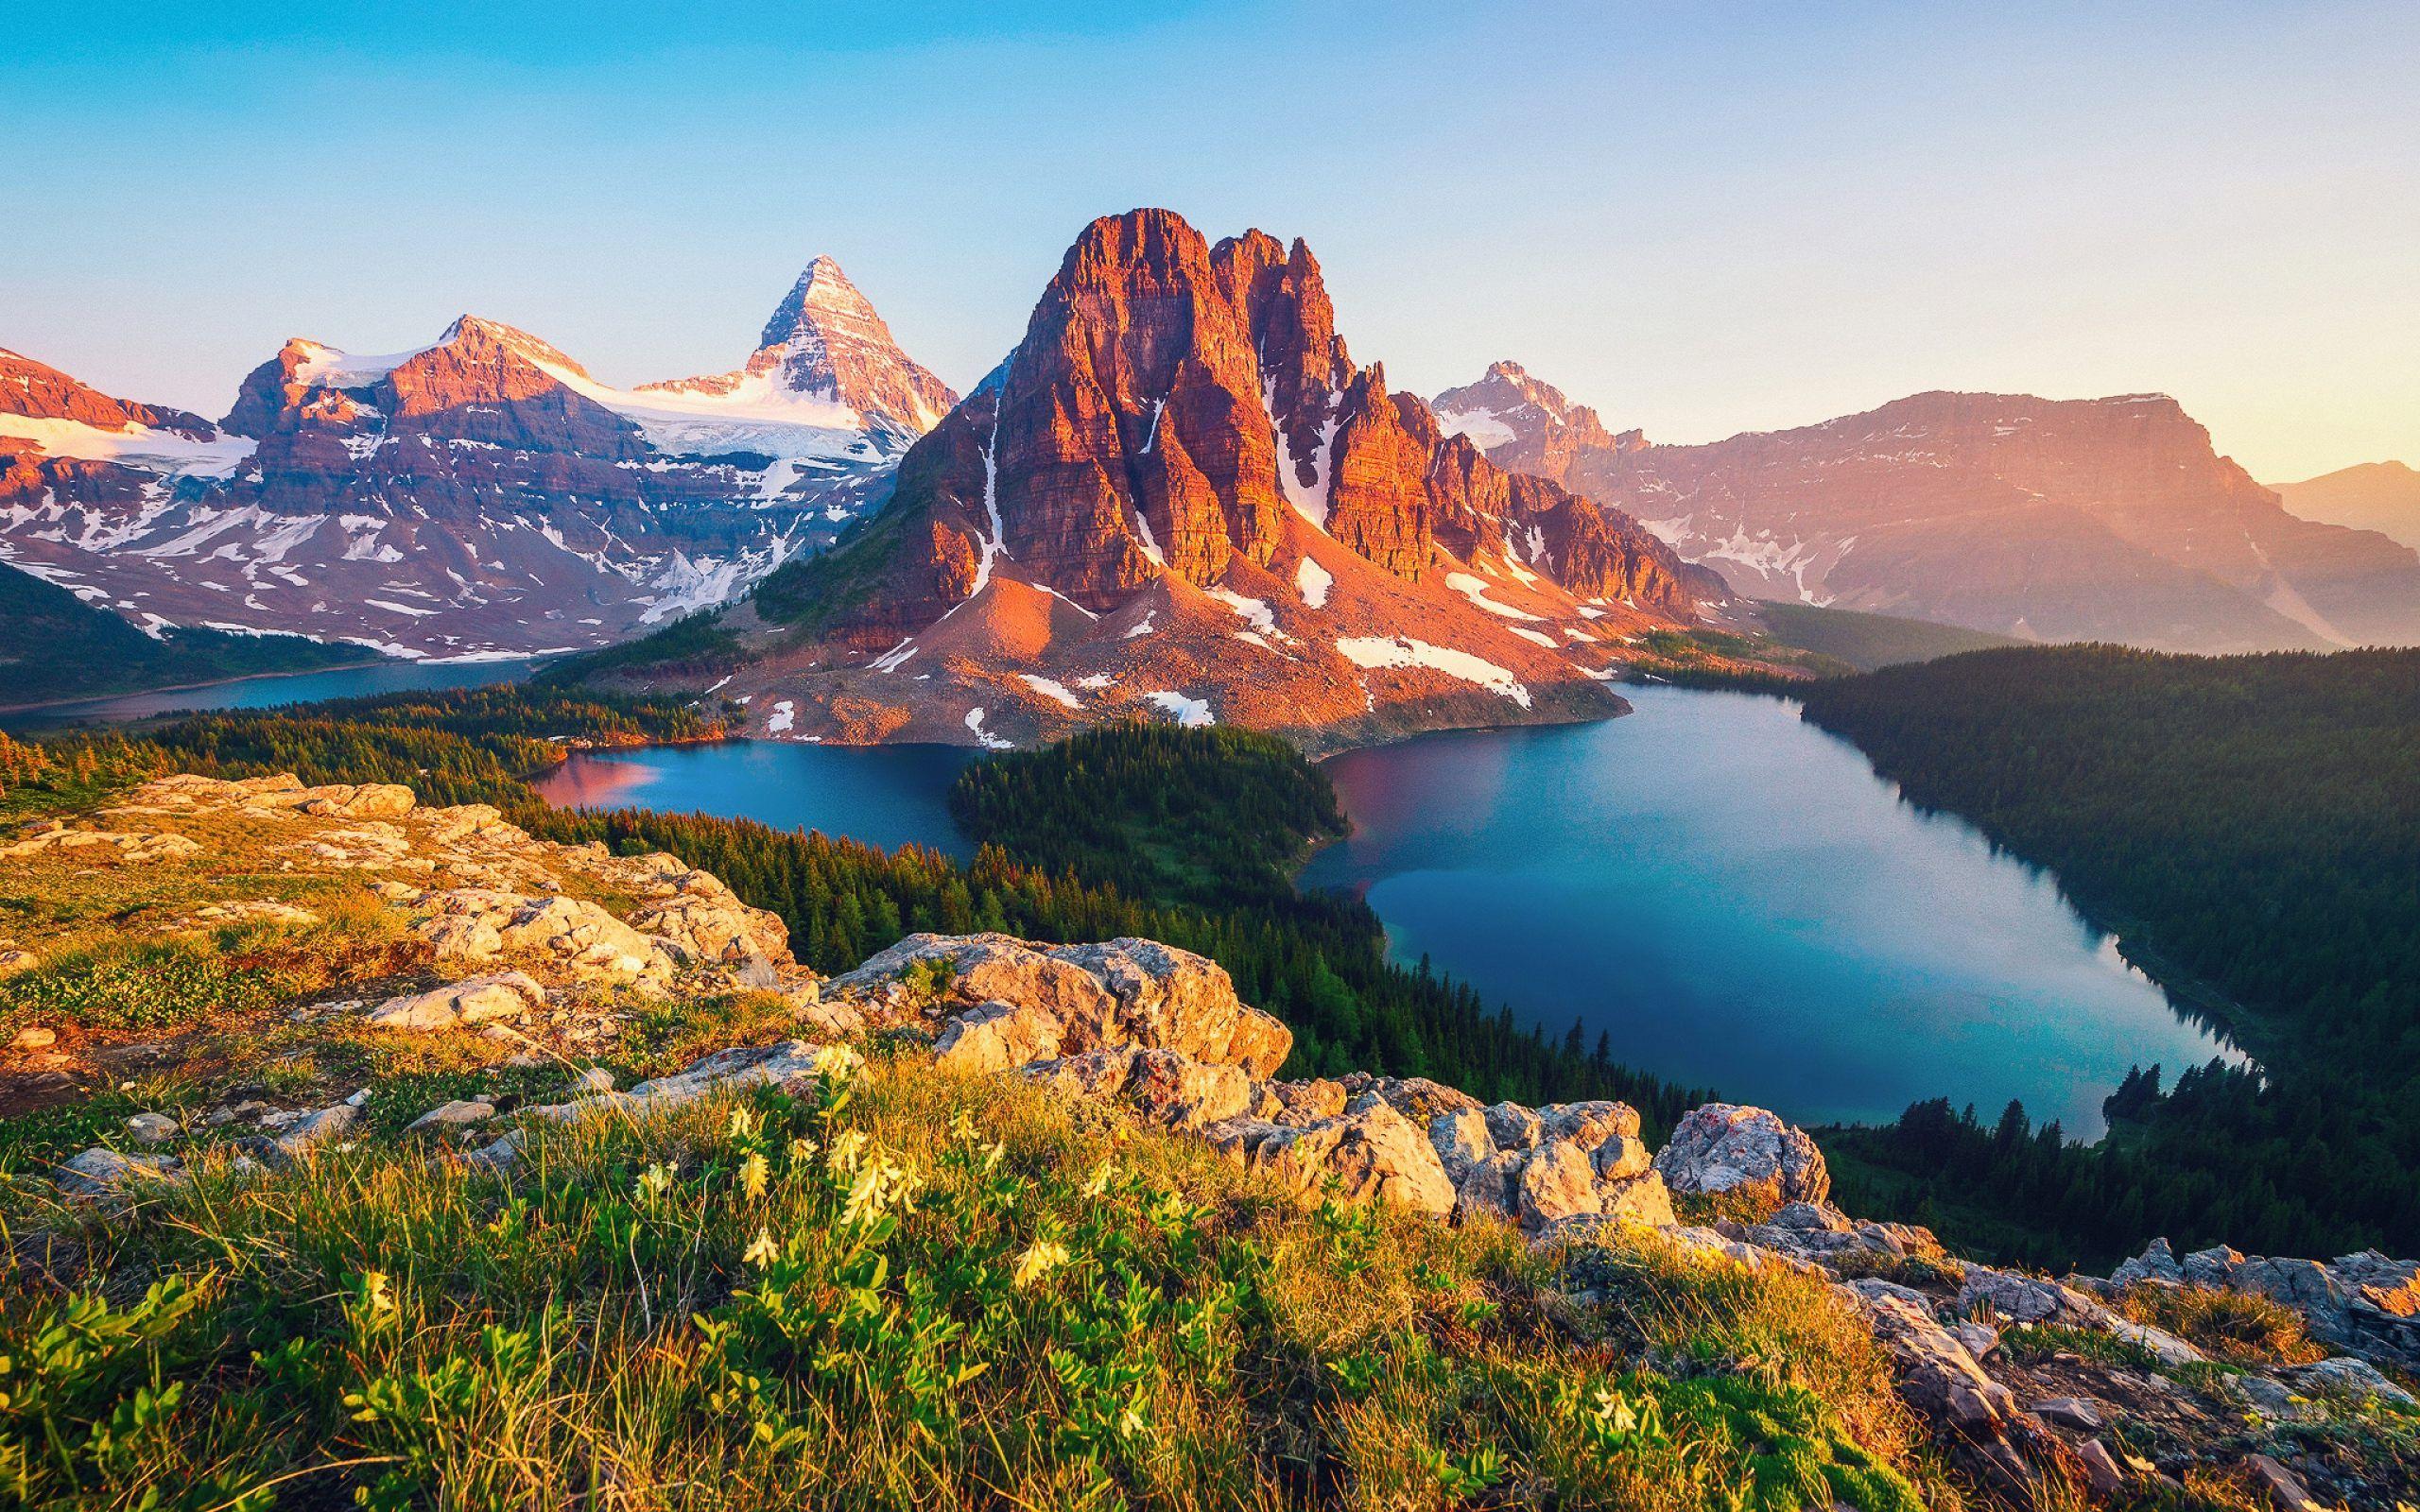 Beautiful Mountain Wallpaper Widescreen Ejo Wallpaper Canada Canada Wallpaper Hd Nature Wallpaper